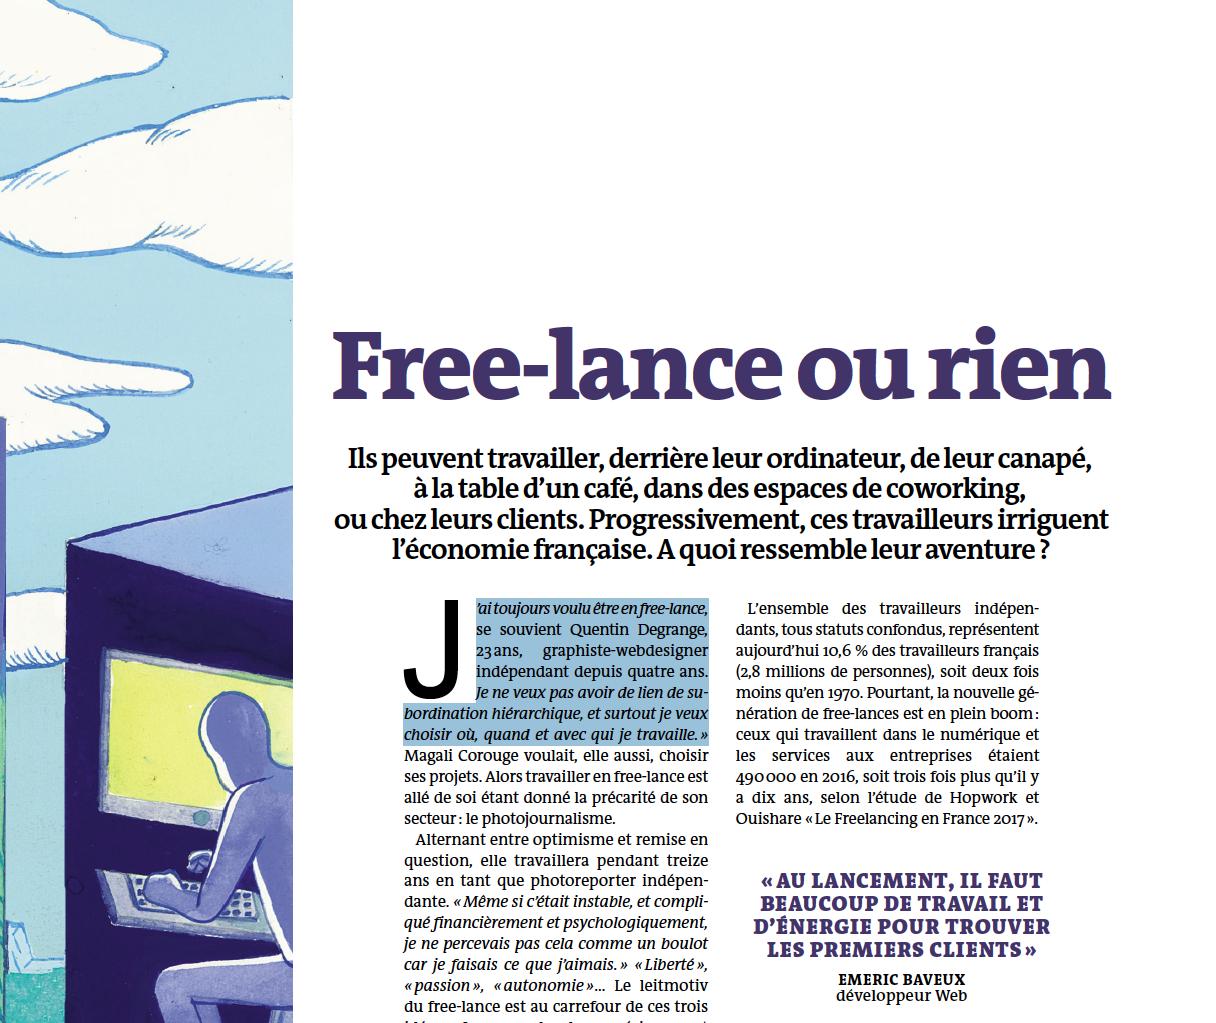 Free-lance ou rien / Article Le Monde Campus